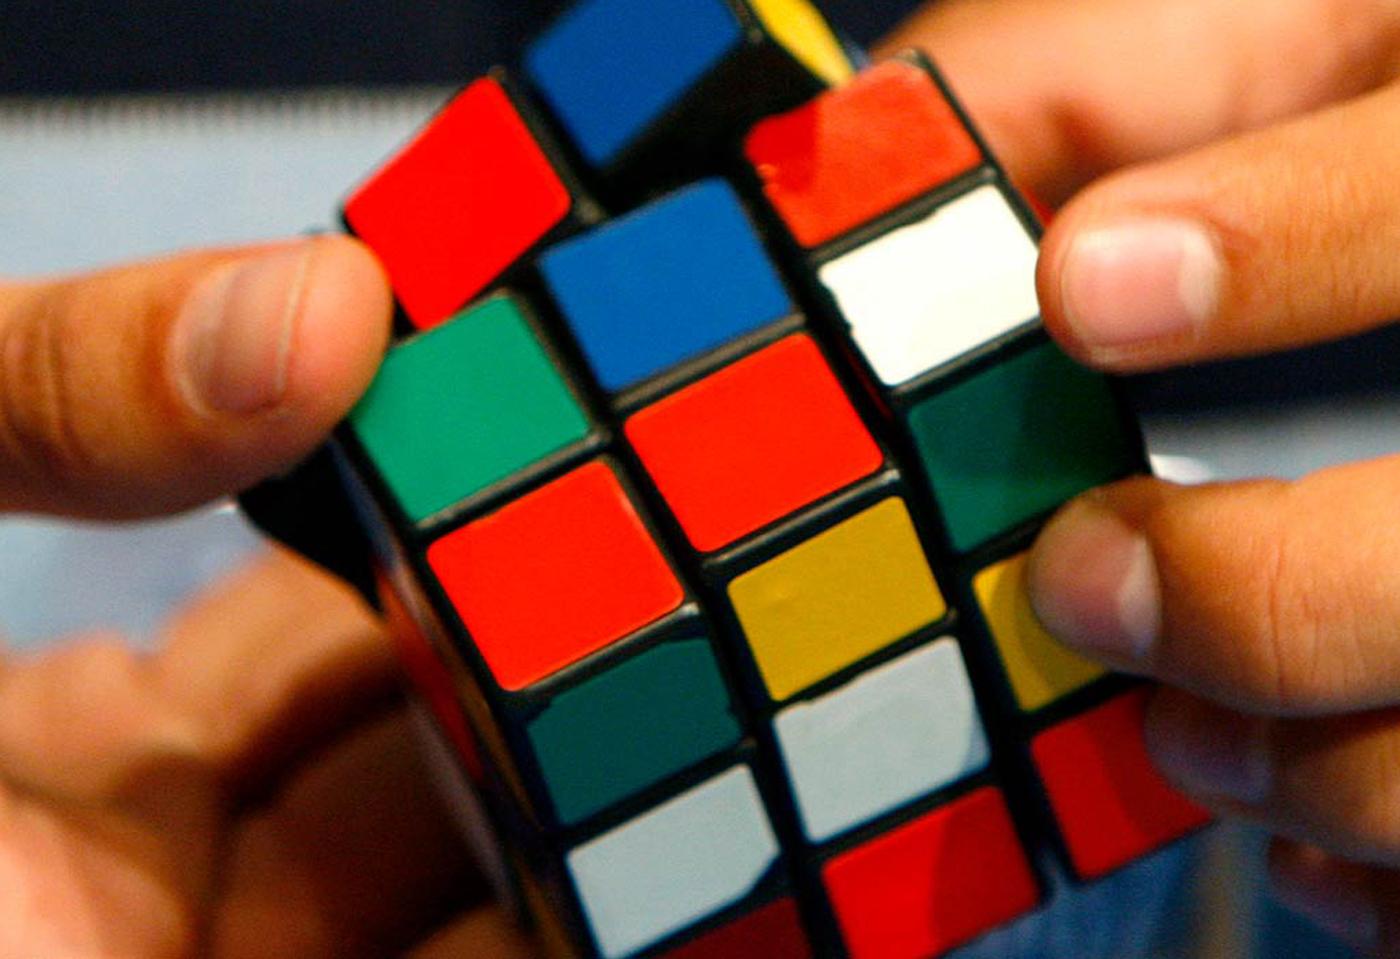 10 лютого: презентували кубик Рубіка